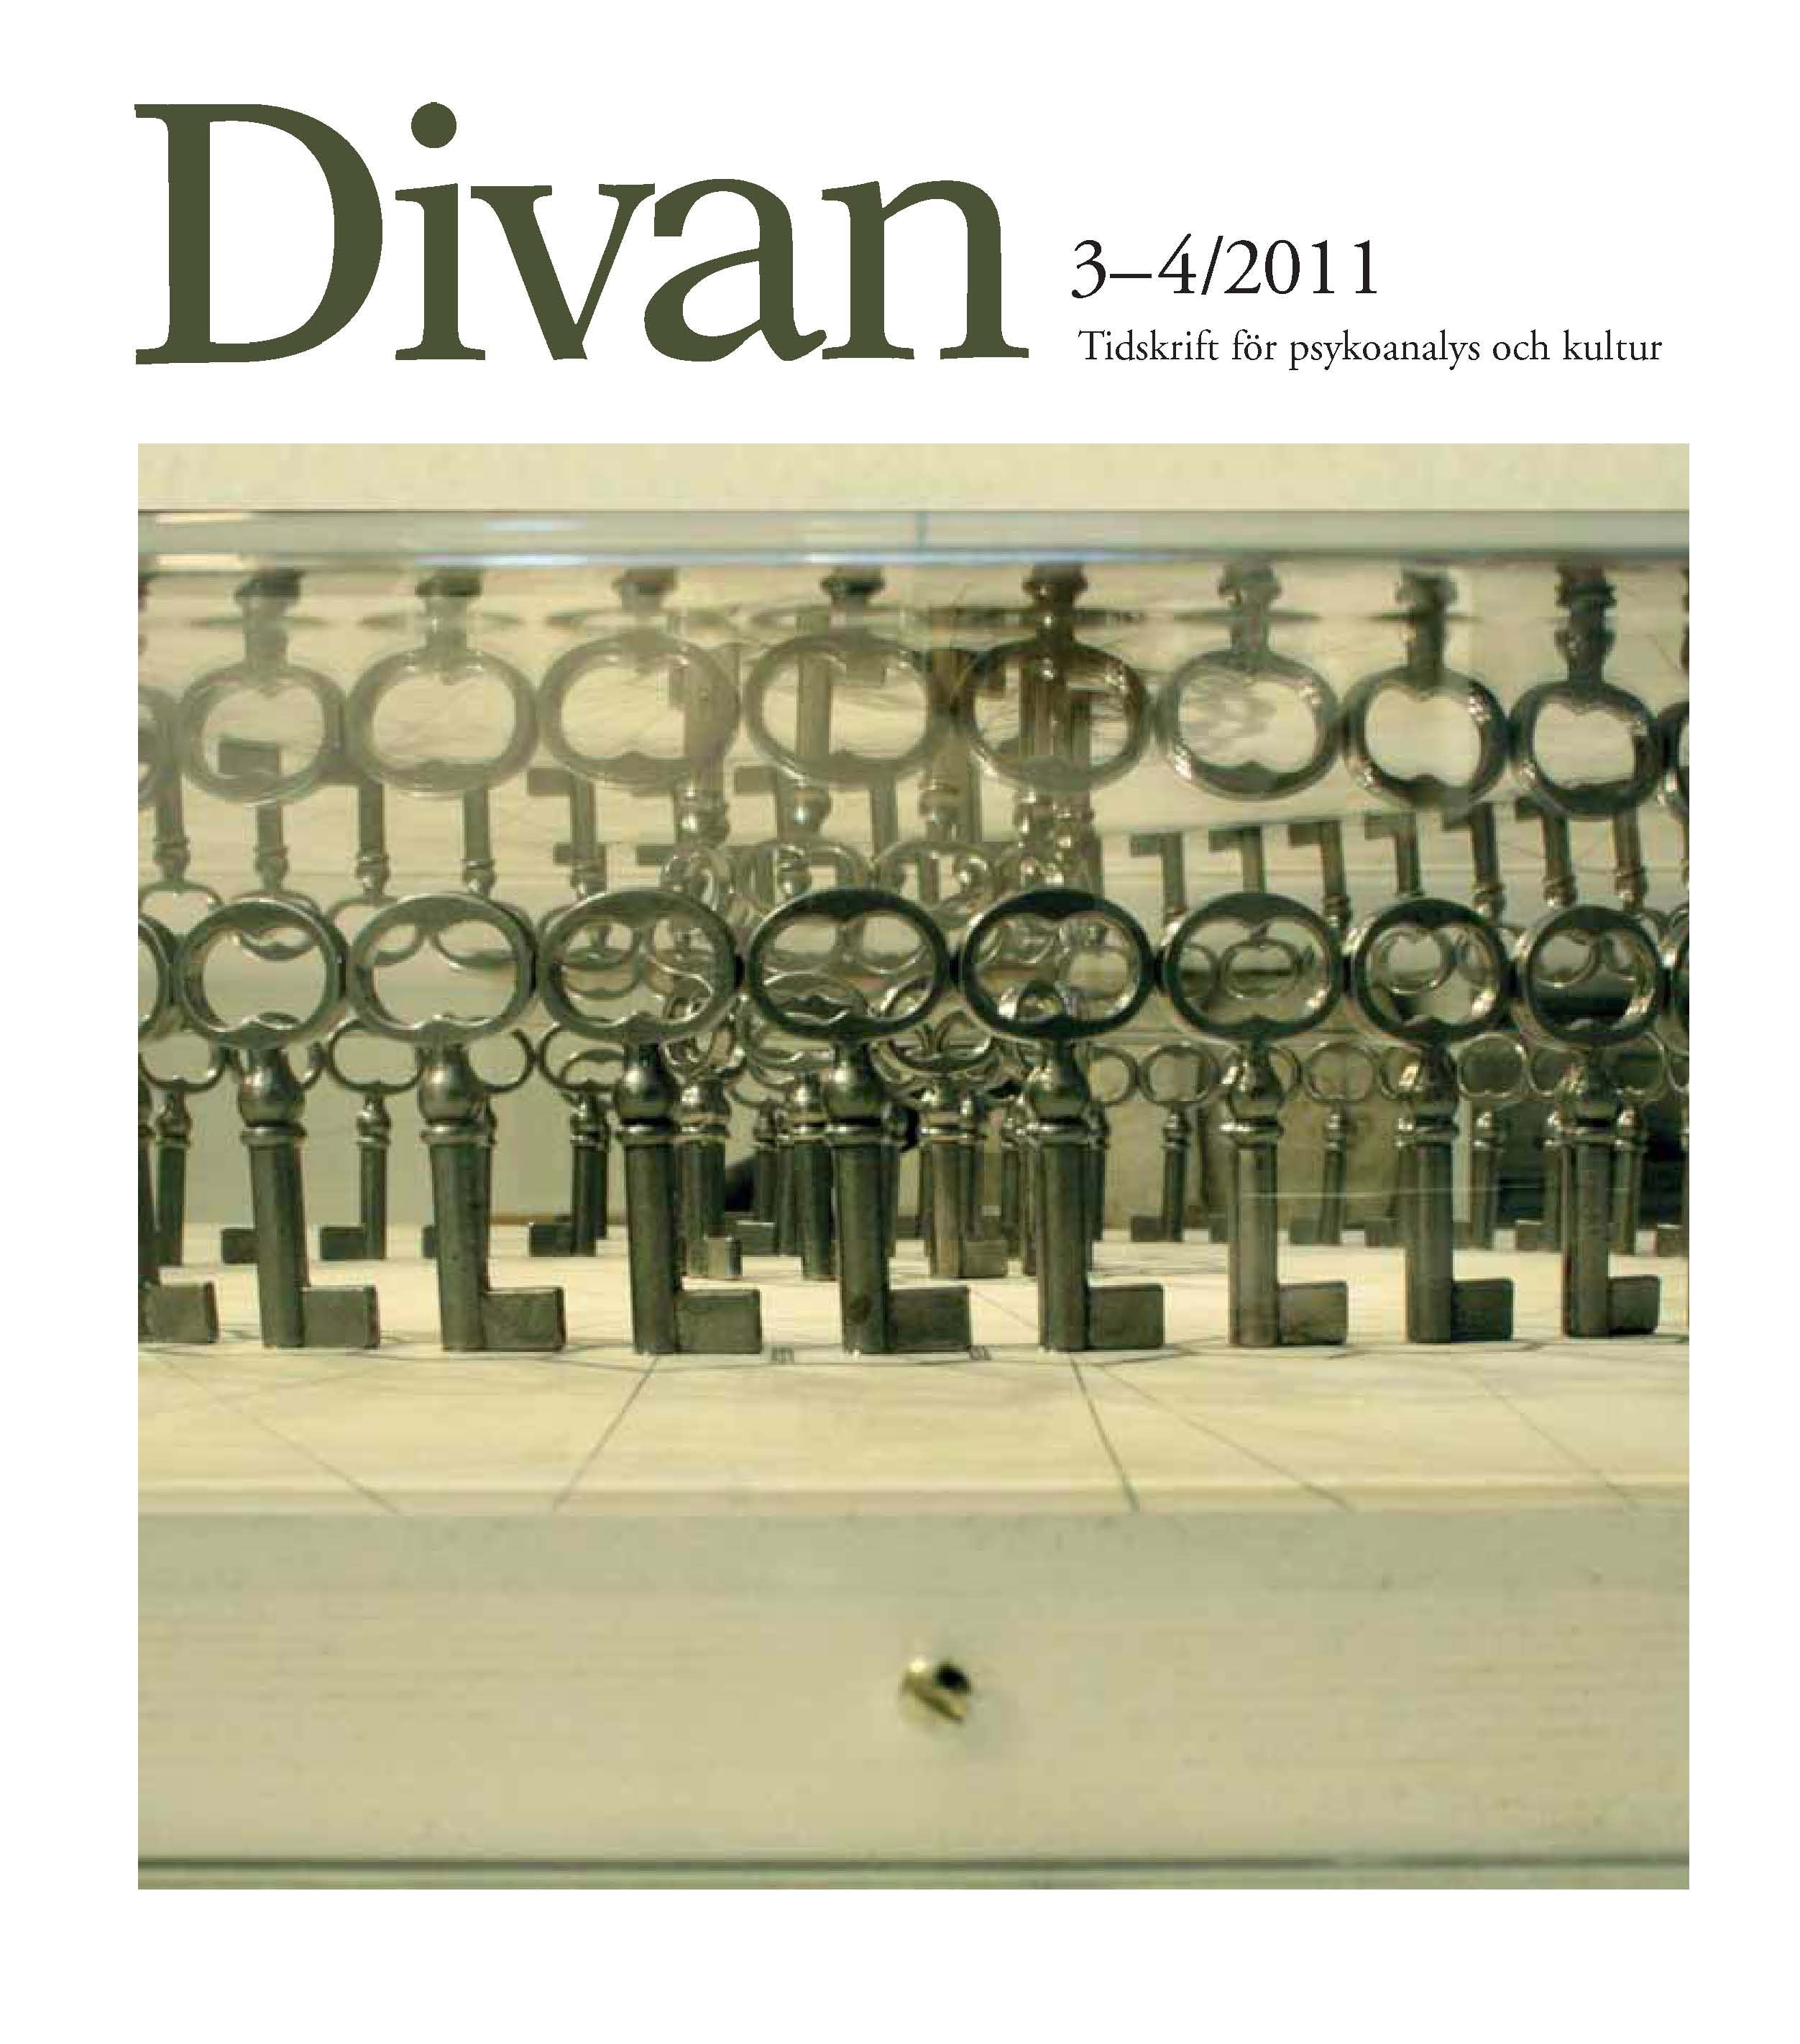 Pin Modern Interiör Omslag 2011 2 on Pinterest